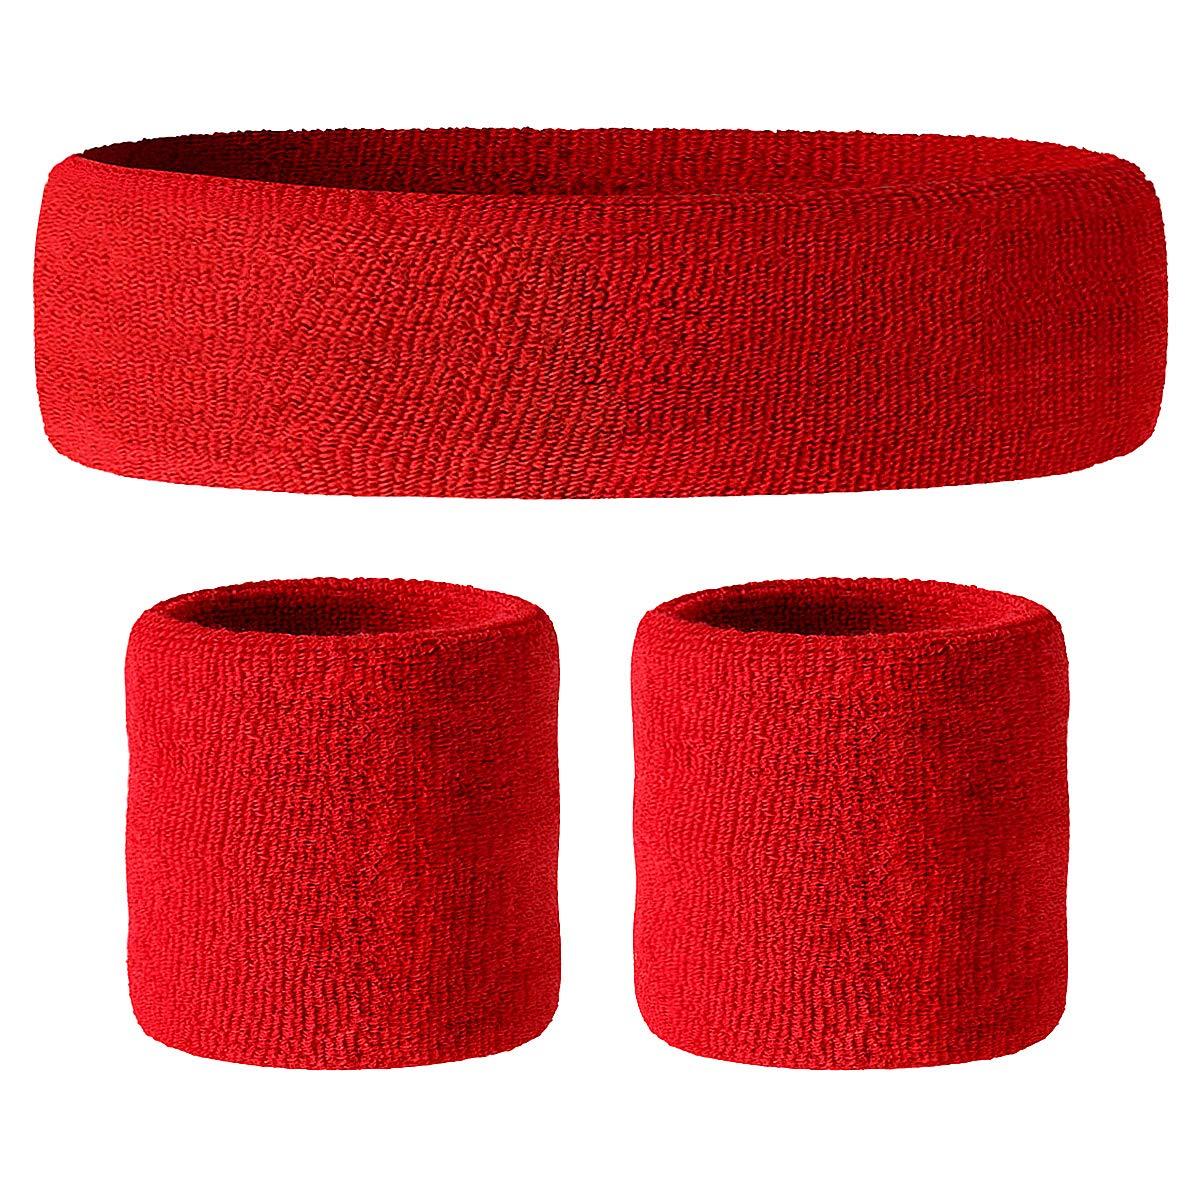 Hoter–Cinturino fascia in spugna, Wristband, fascia tergisudore in spugna (prezzo per singolo pezzo), A3-Black(1Headband+2Wristbands)